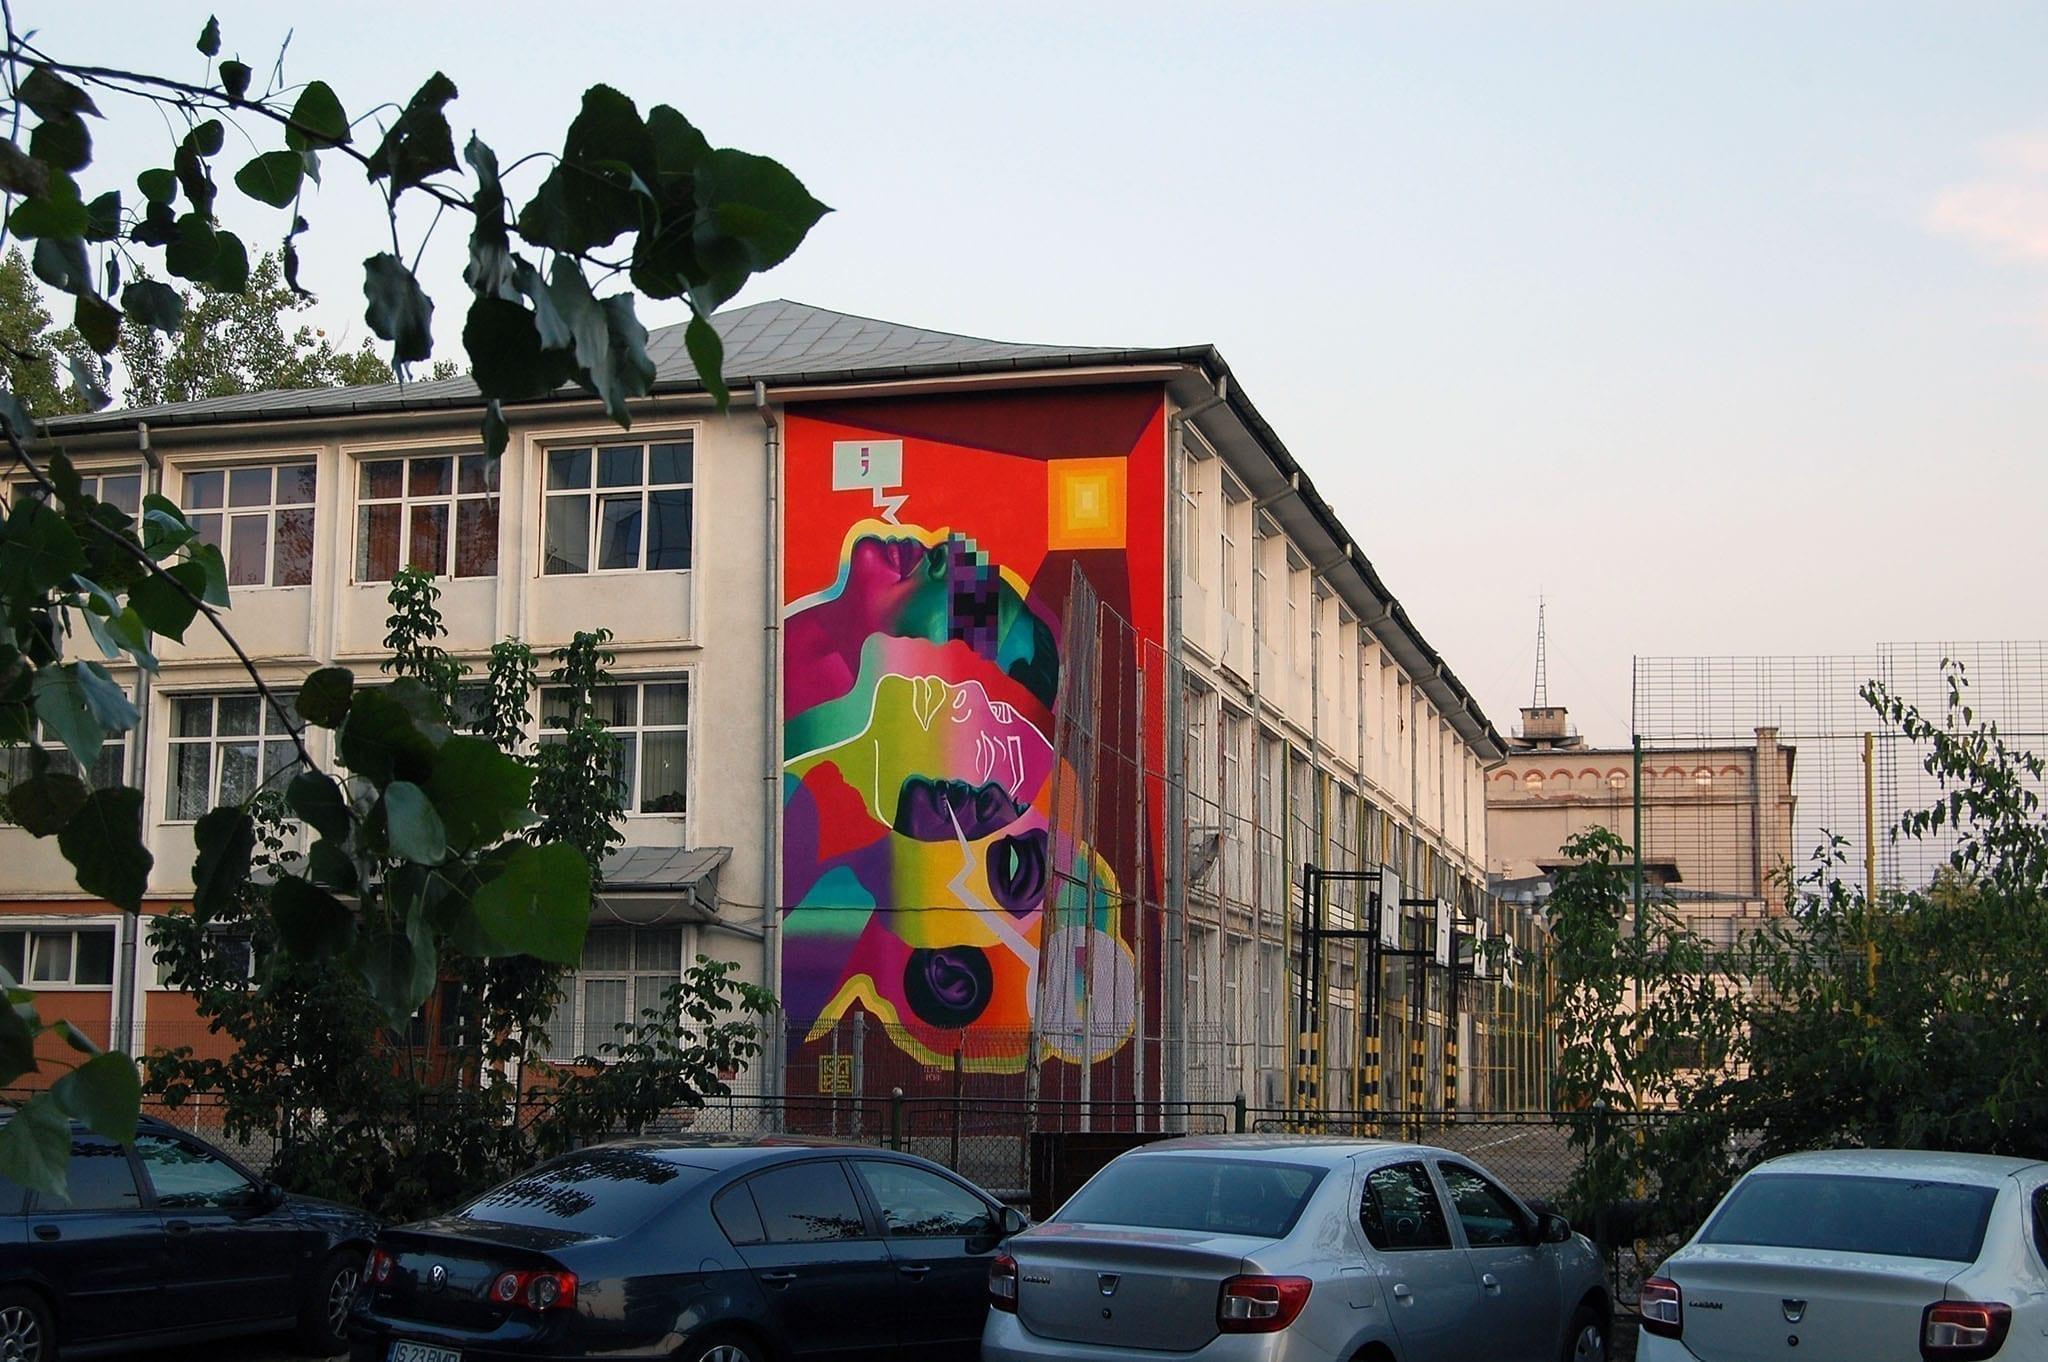 KAPS crew / 2019 @Liceul Tehnologic Petru Poni / Un-hidden street art in Romania book art files: IAȘI